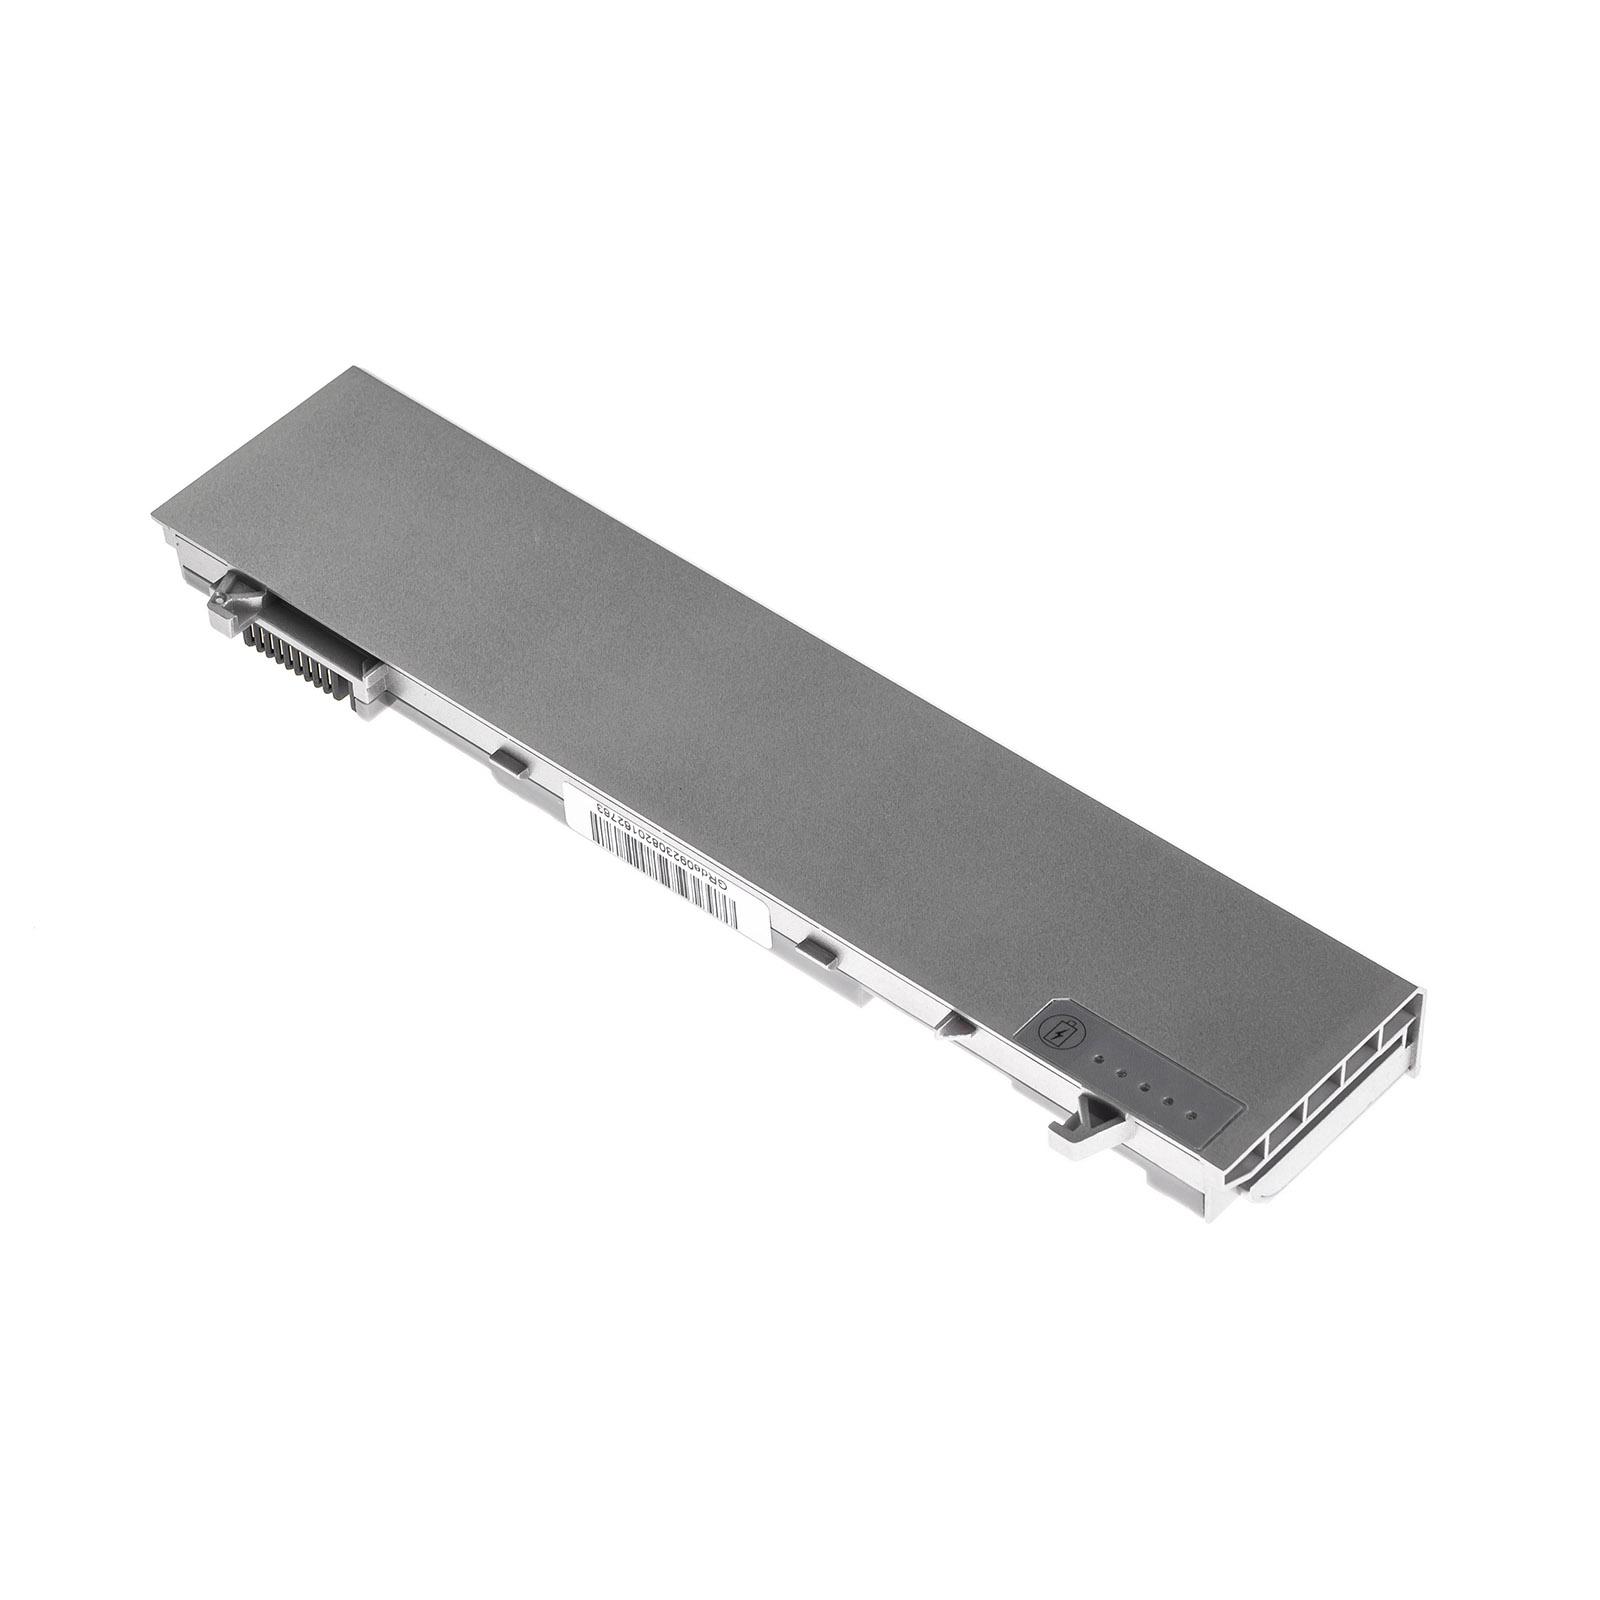 Battery-for-Dell-Latitude-E6400-E6410-E6500-E6510-Laptop-4400mAh thumbnail 7